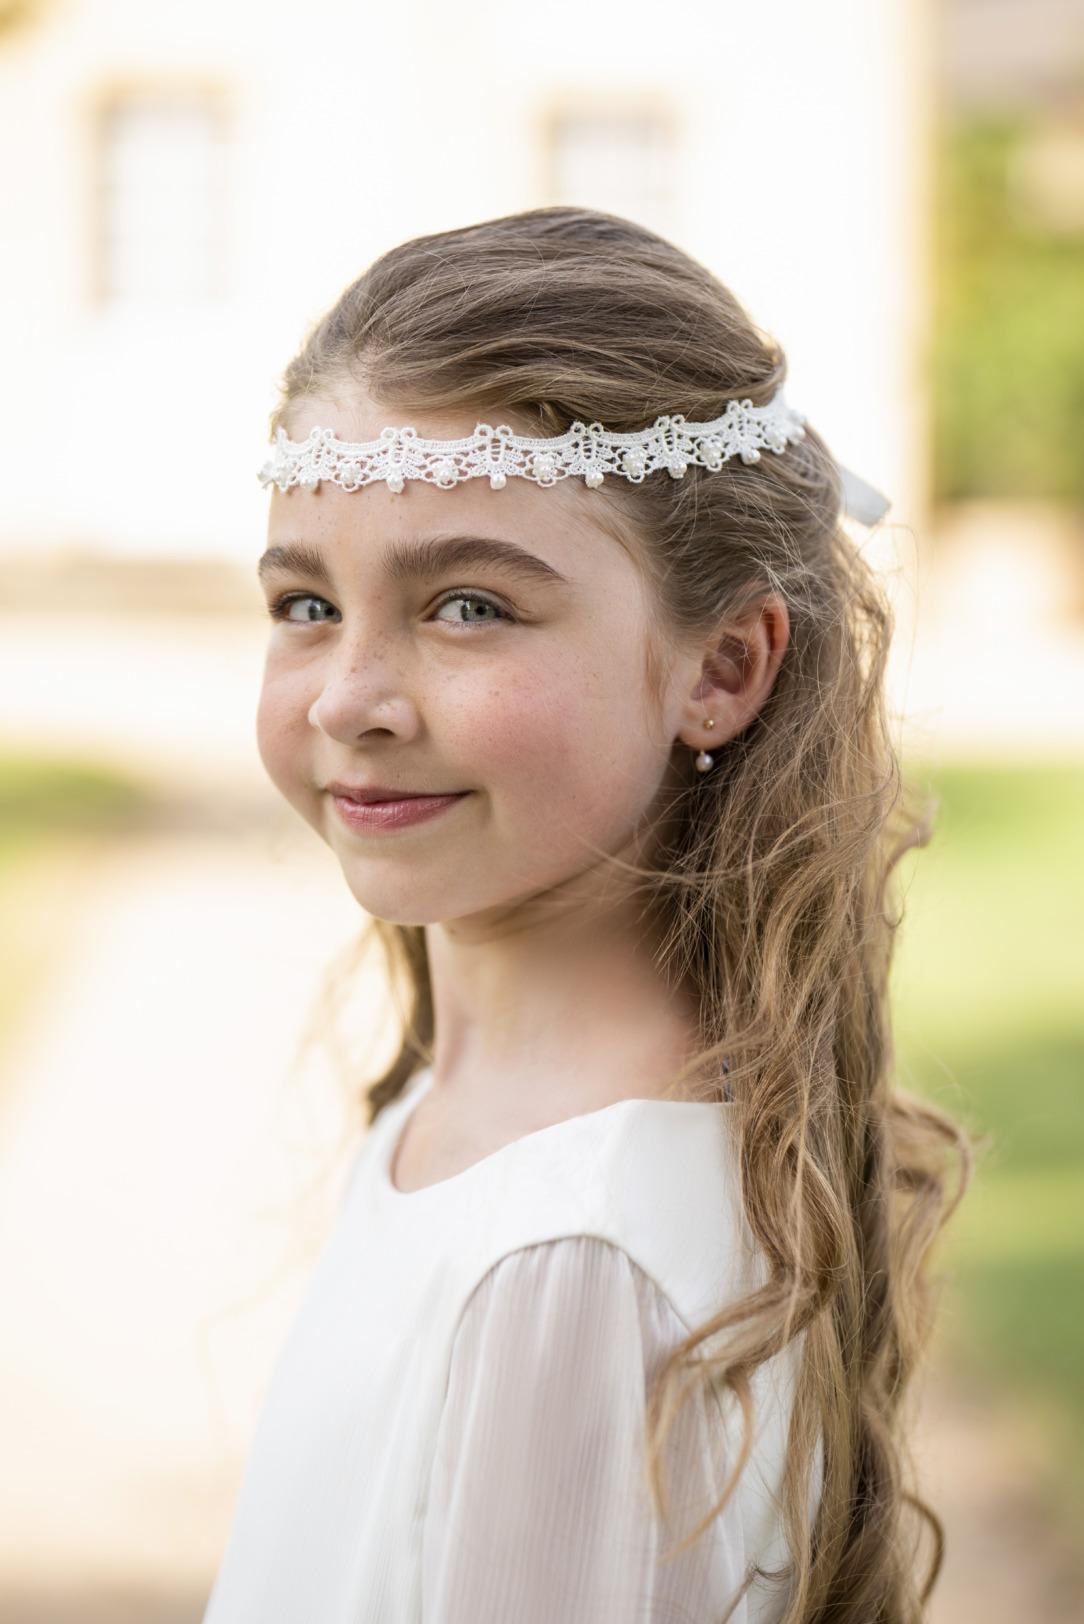 Das passende Accessoire zum Kommunionkleid: Modisches Spitzenhaarband mit kleinen Perlen verziert.